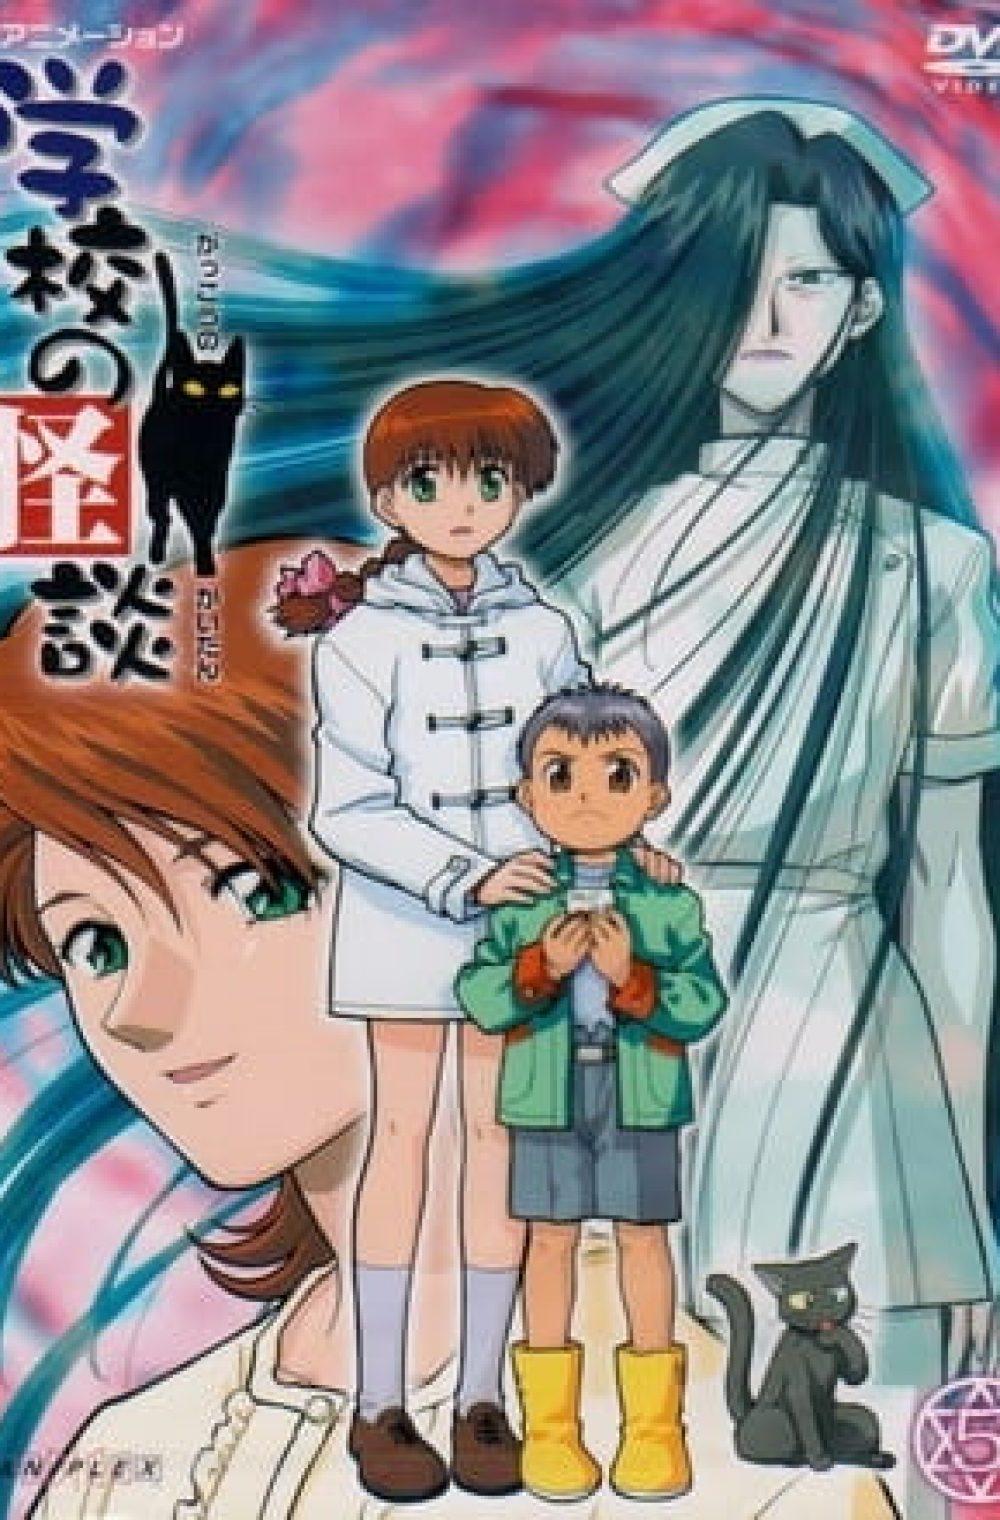 (DUB) Gakkou no Kaidan + OVA